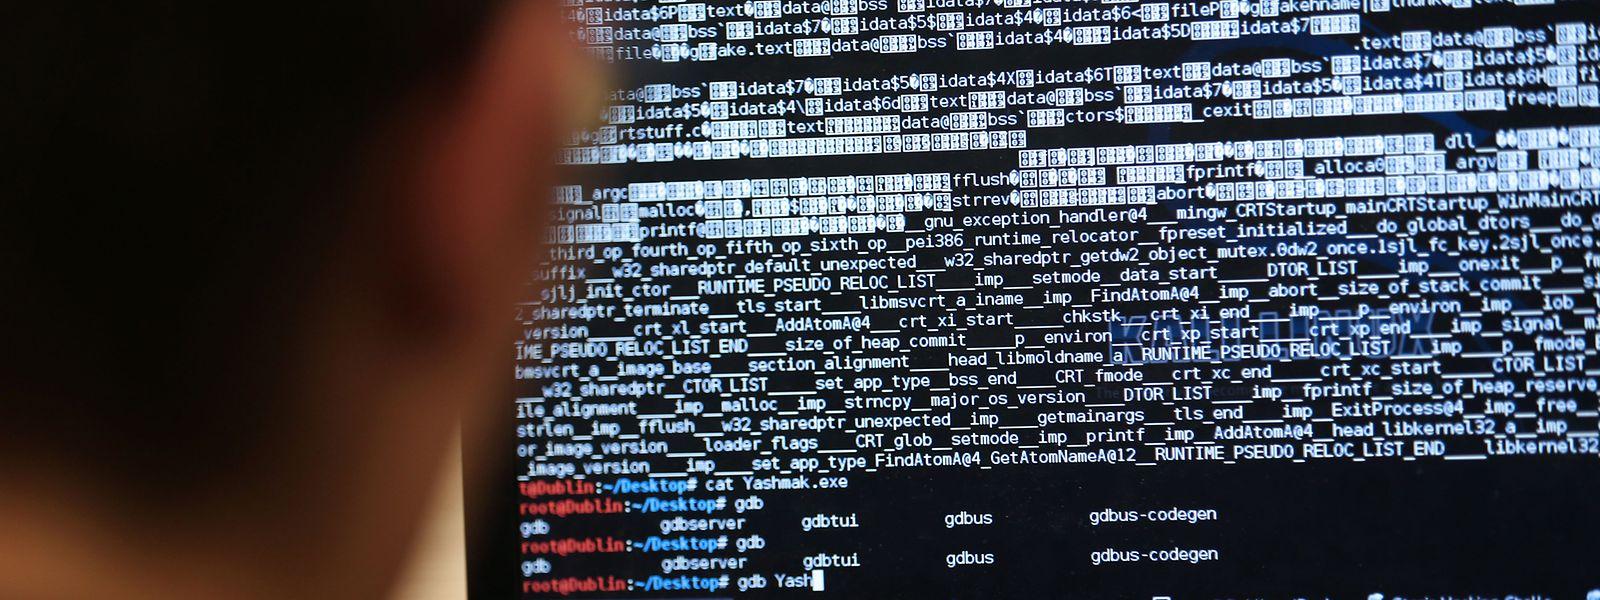 Bien que moins nombreux que les attaques de phishing, les ramsonwares ont eu, en 2020, un impact bien plus important sur l'activité des entreprises du Luxembourg, selon le Circl.